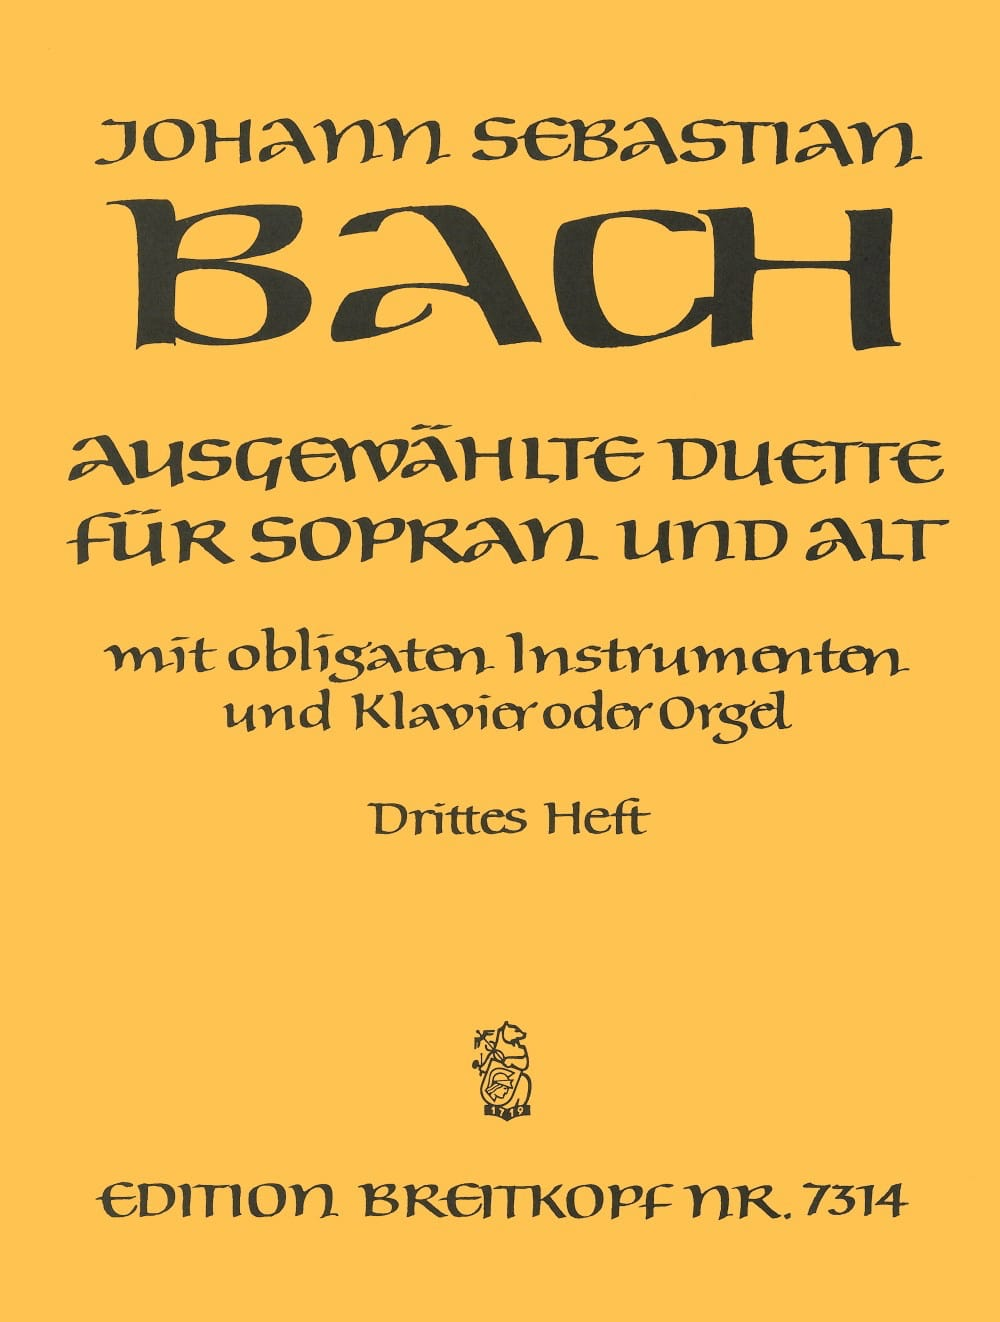 Ausgewählte Duette Sopran und Alt Volume 3 - BACH - laflutedepan.com